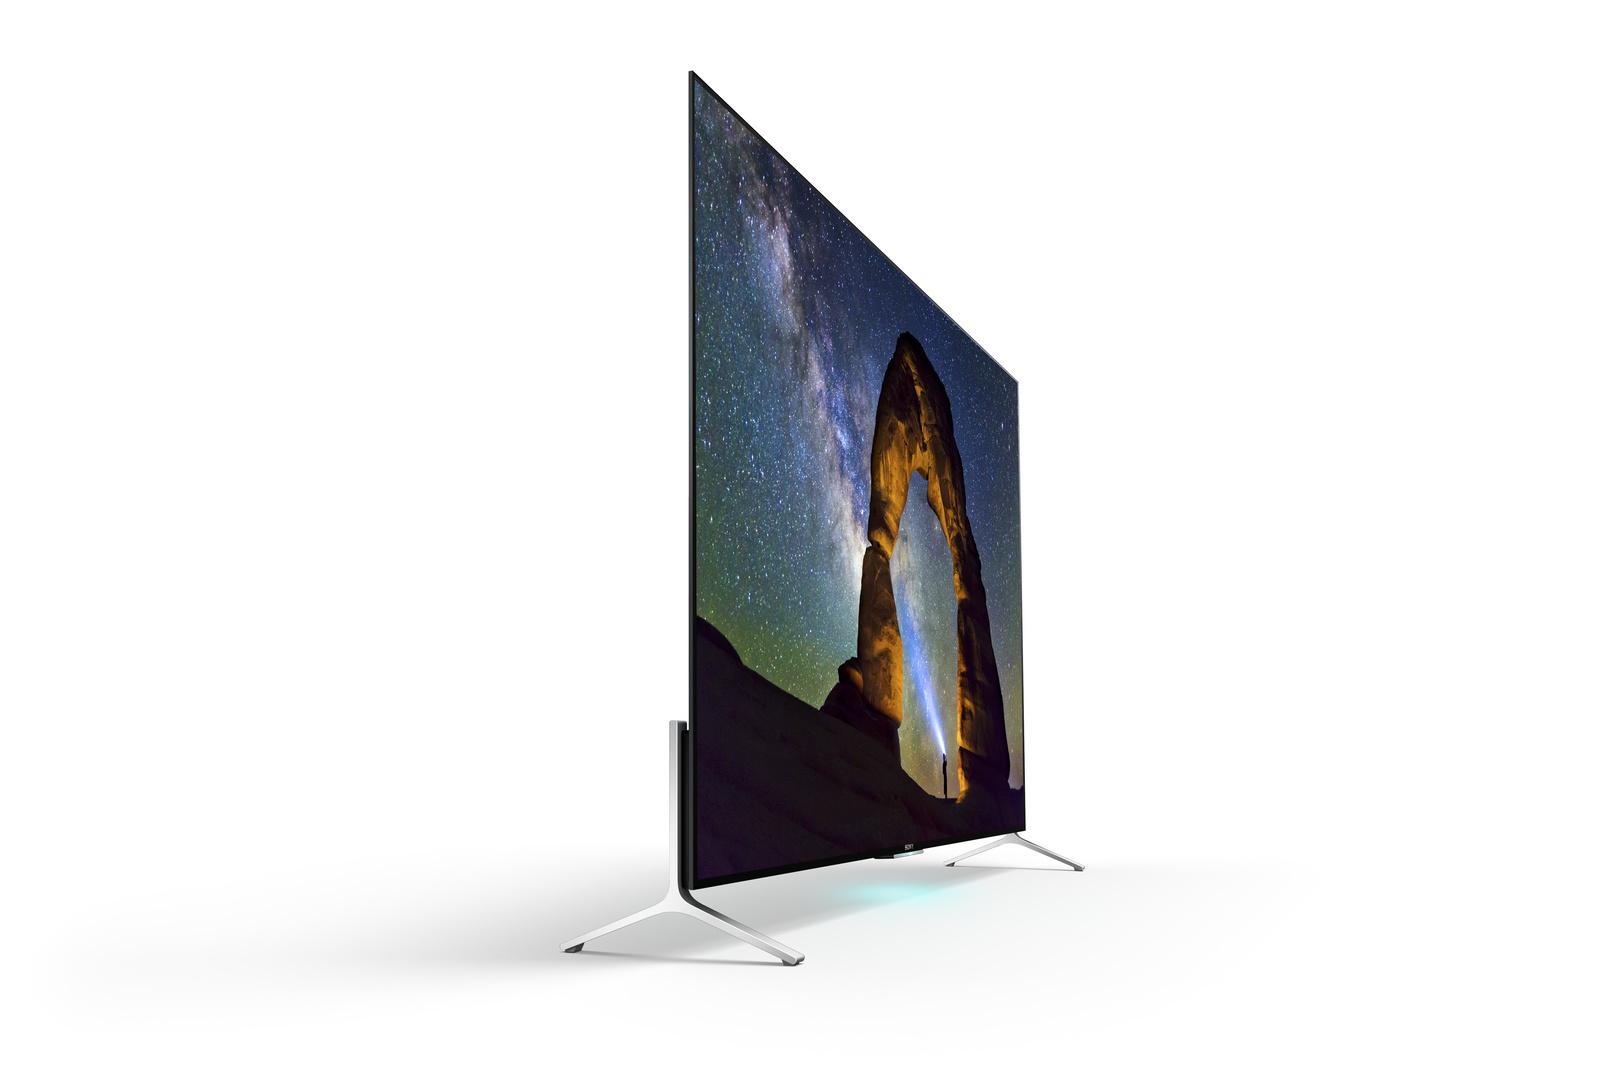 sony-tv-4k-3